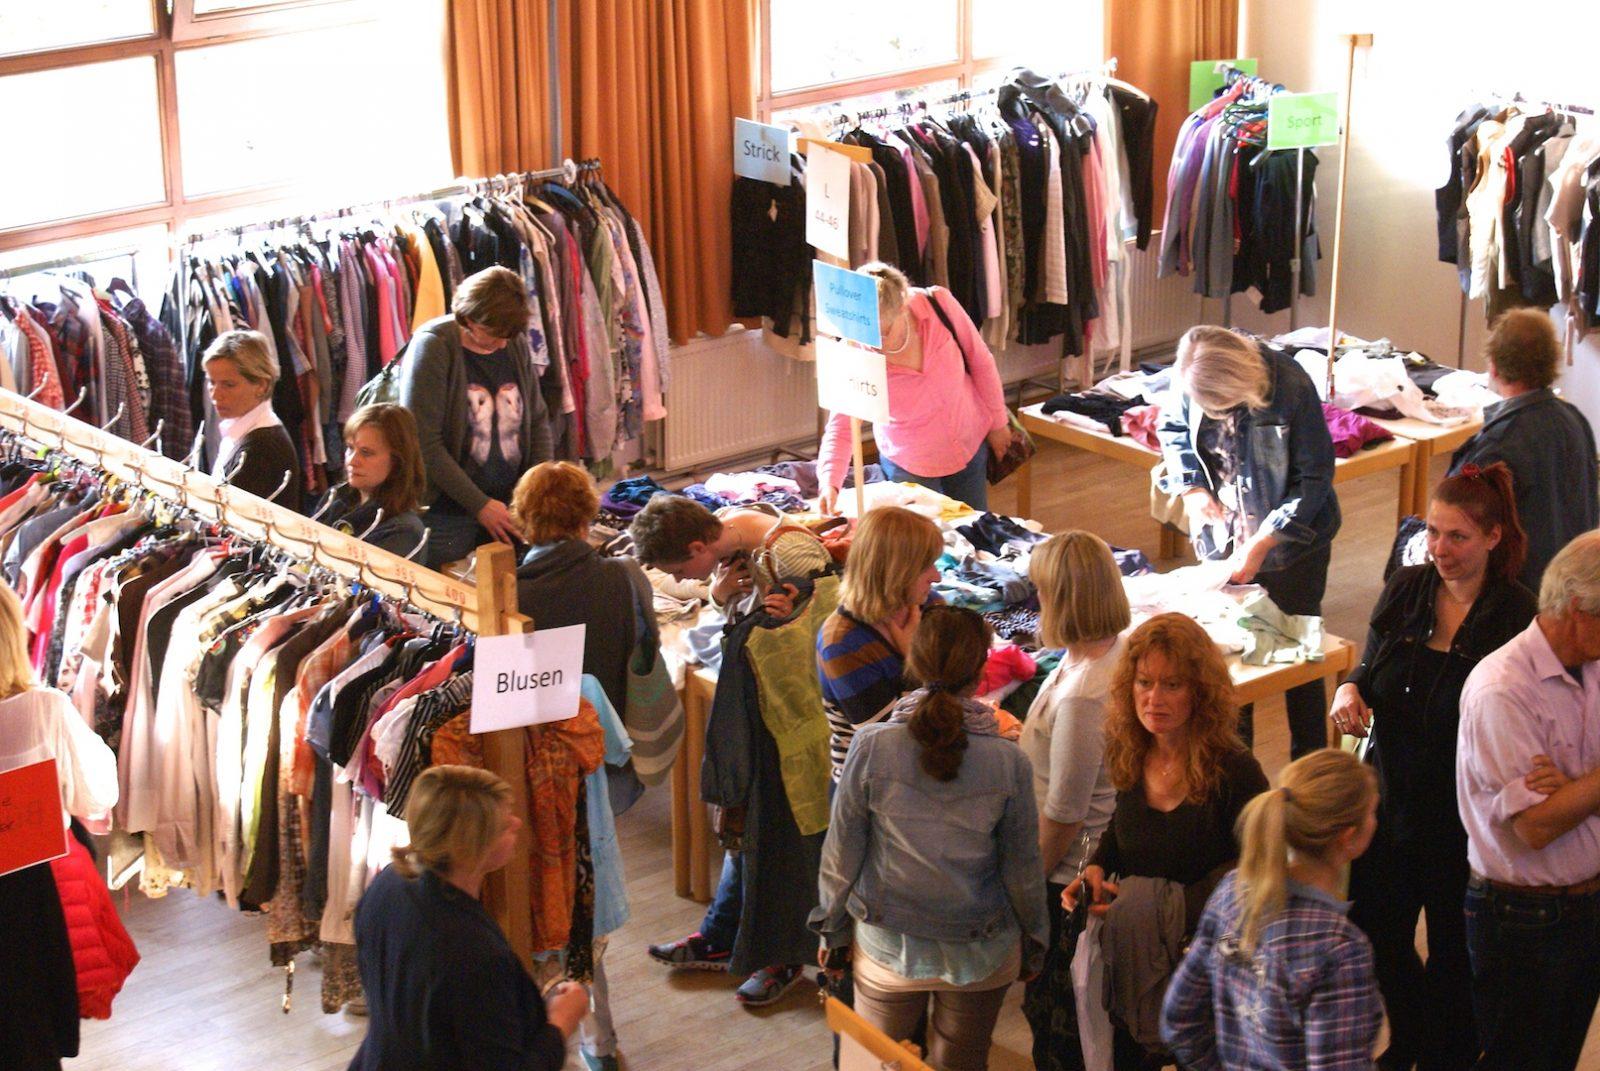 Frauenkleidermarkt ellerbek 2018